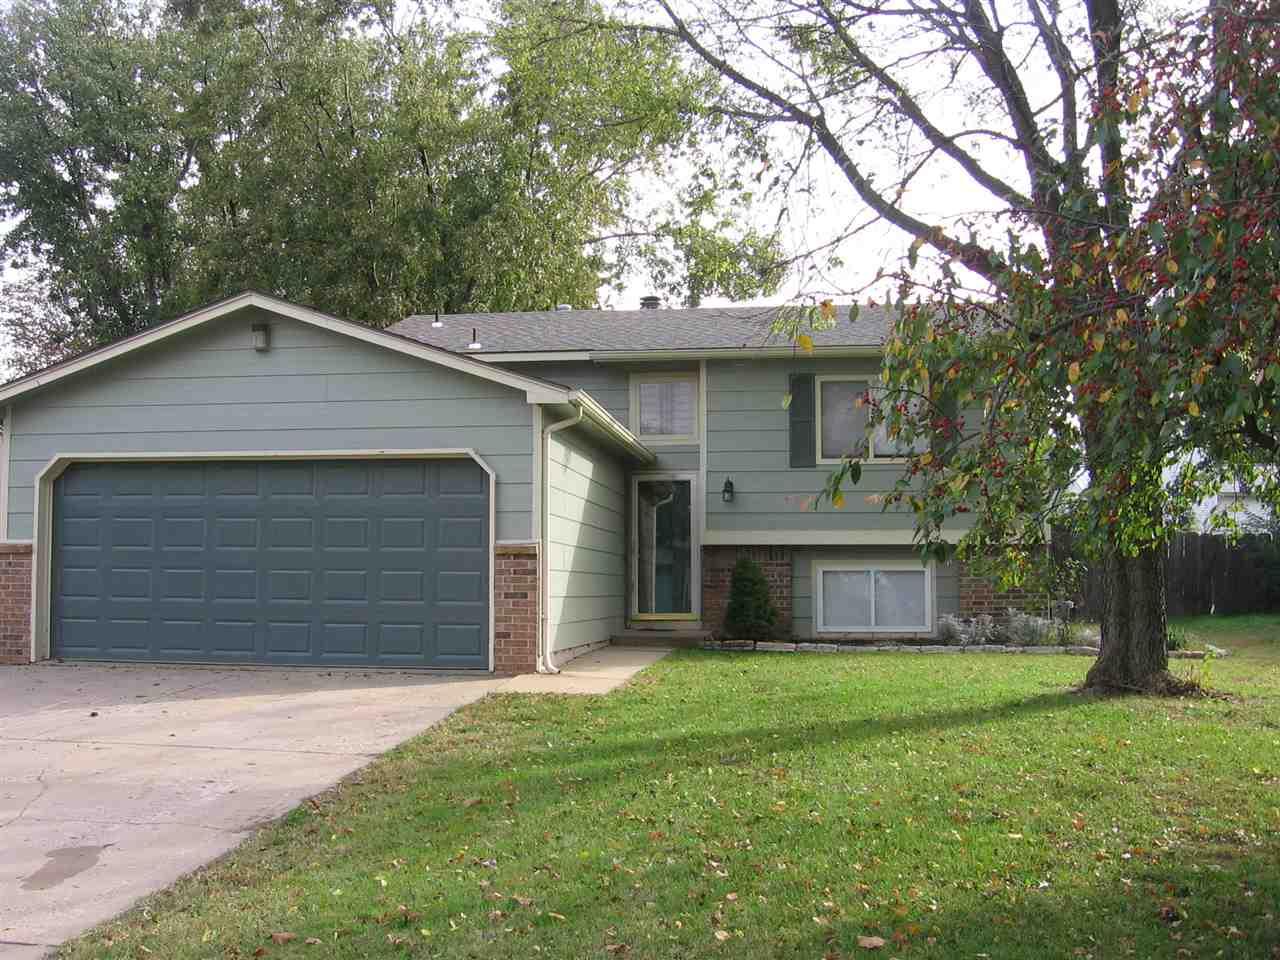 5530 S Topeka Circle, Wichita, KS 67216